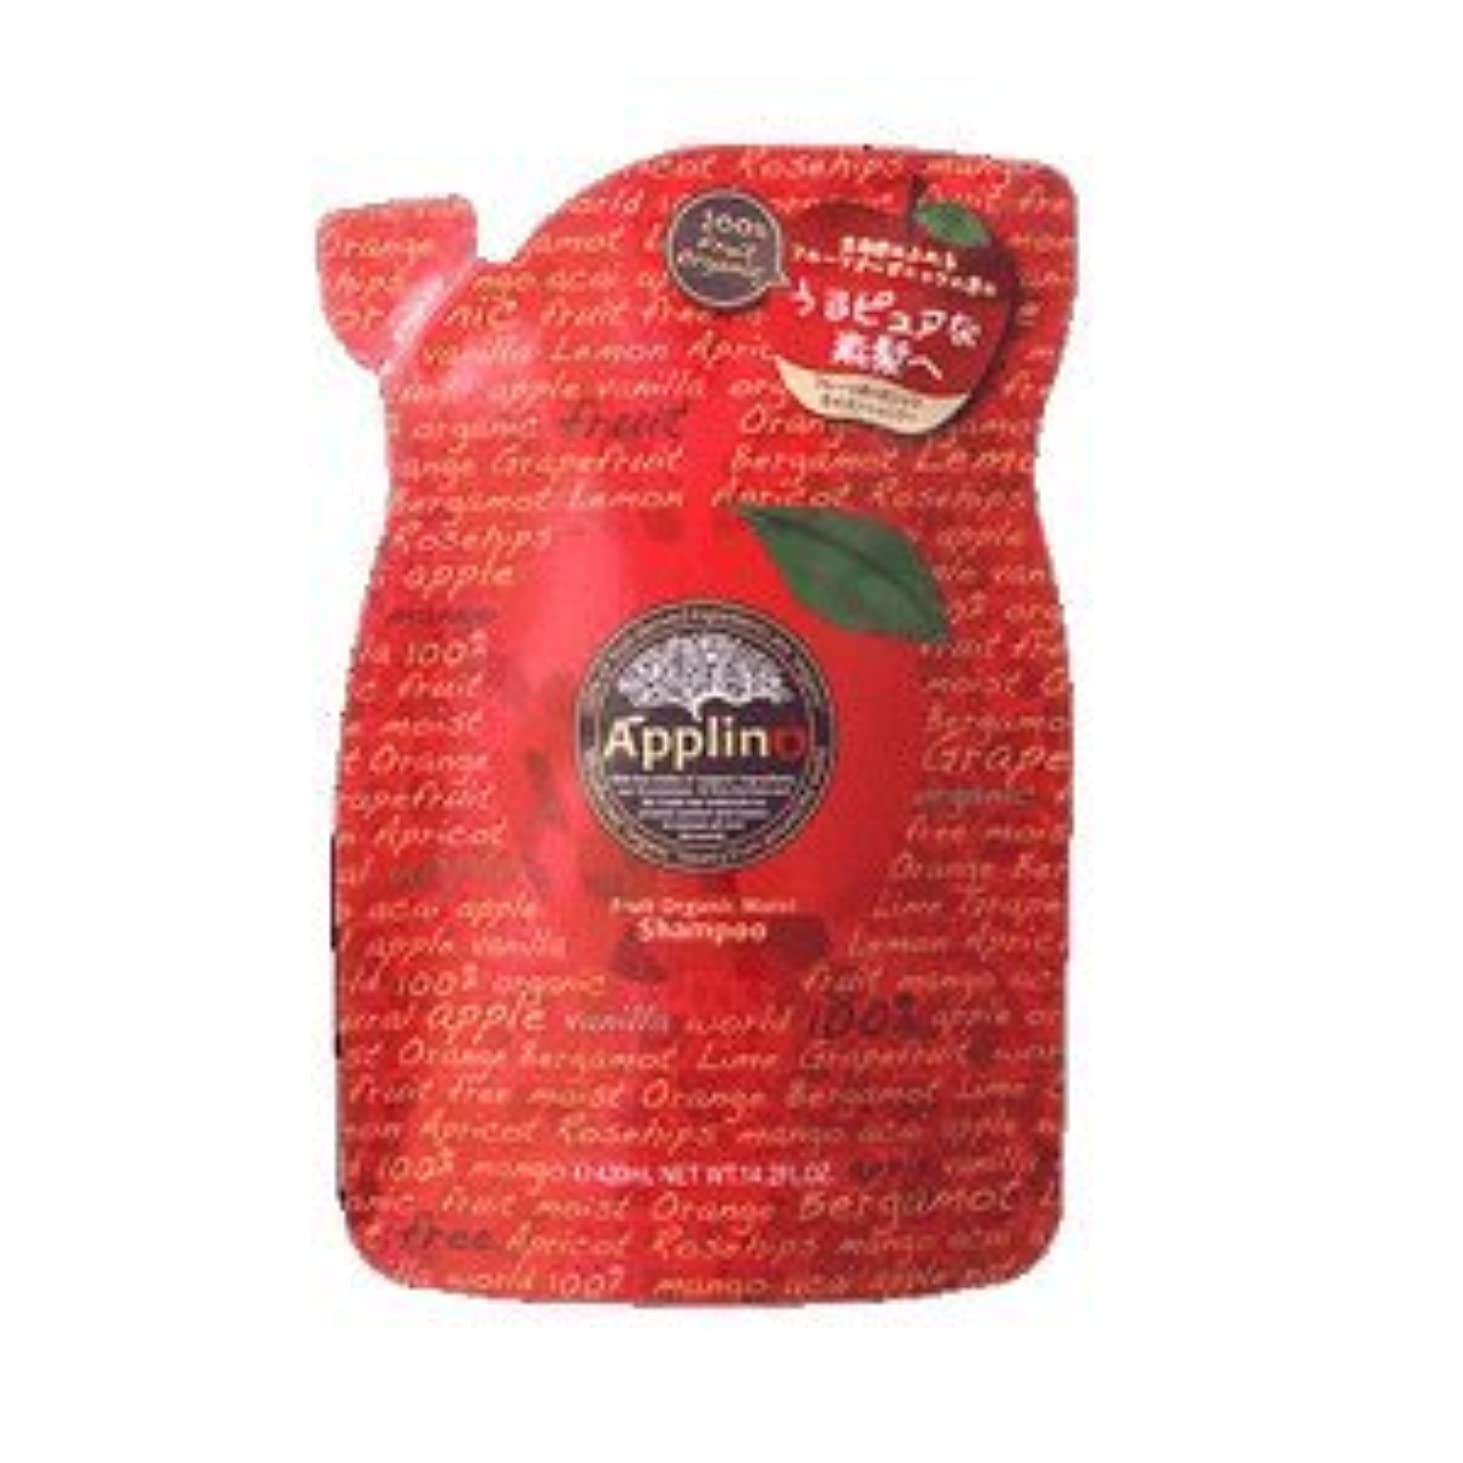 内向きシフトパイプベーネ(BENE) Applino(アップリノ)  フルーツオーガニックモイストシャンプー つめかえ用 420ml